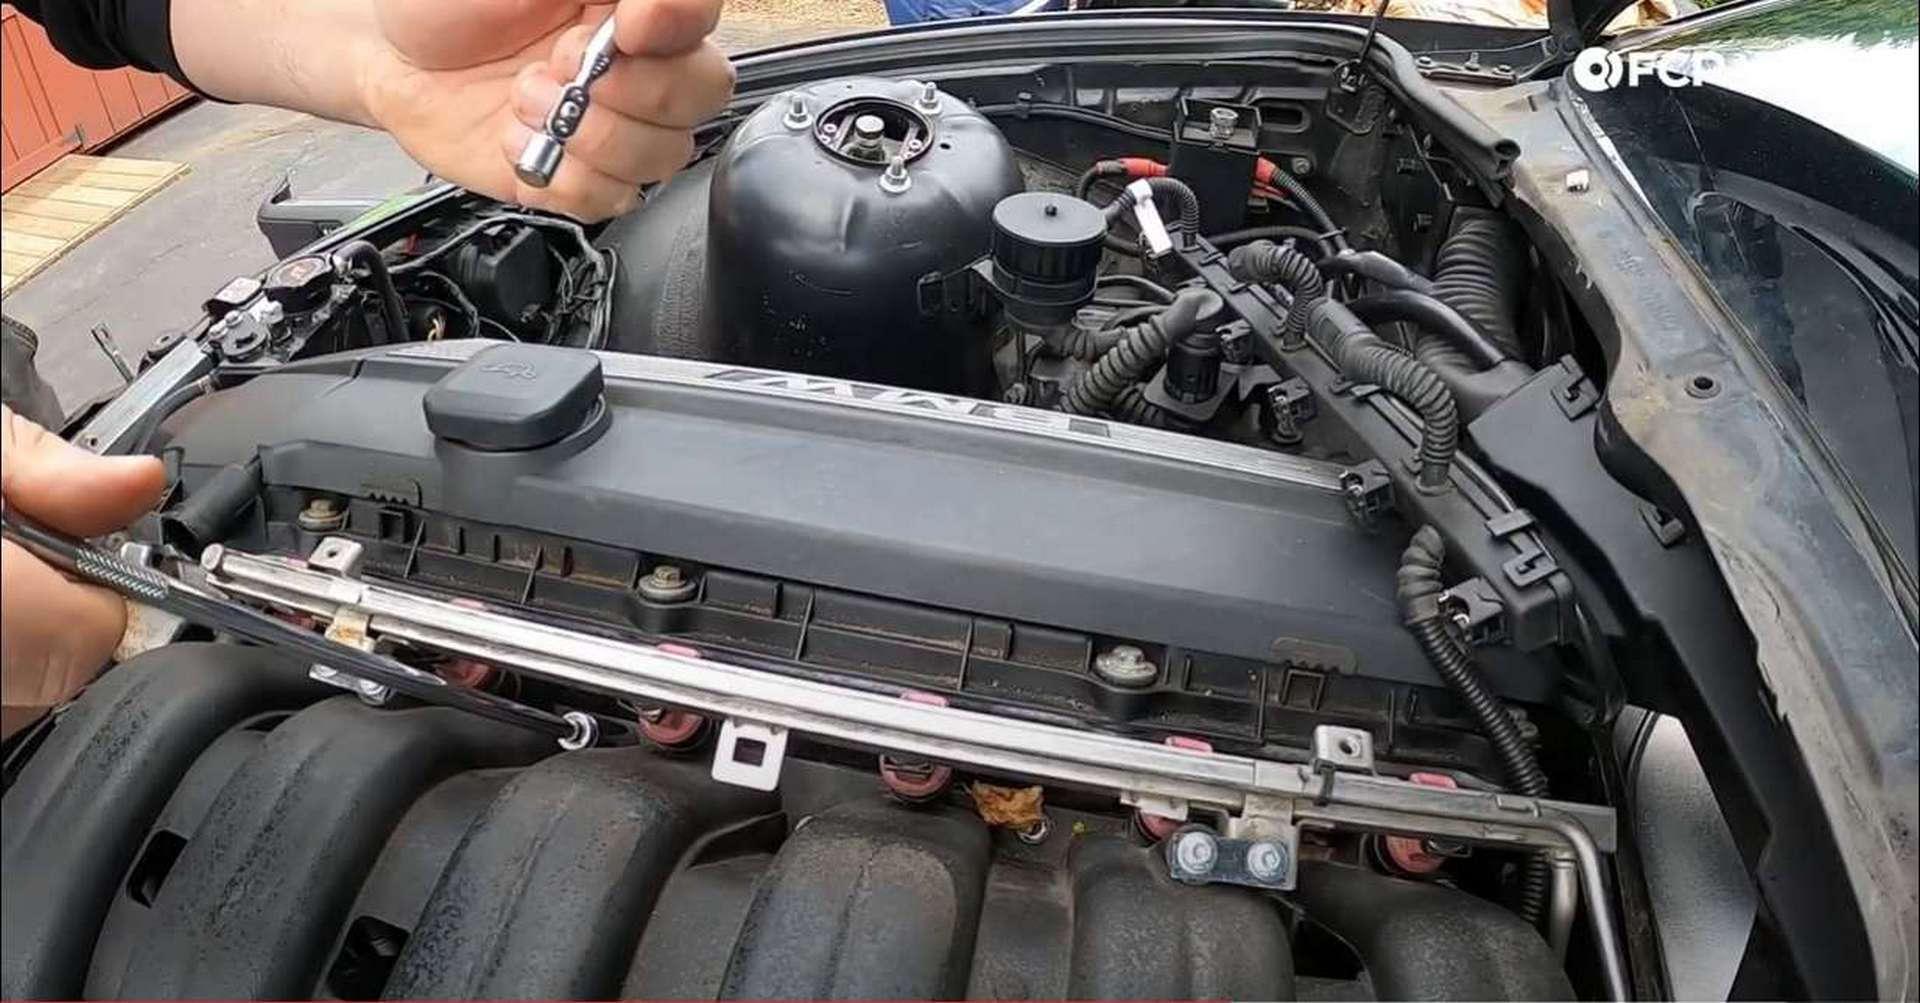 DIY BMW M50 Intake Manifold removing manifold nuts